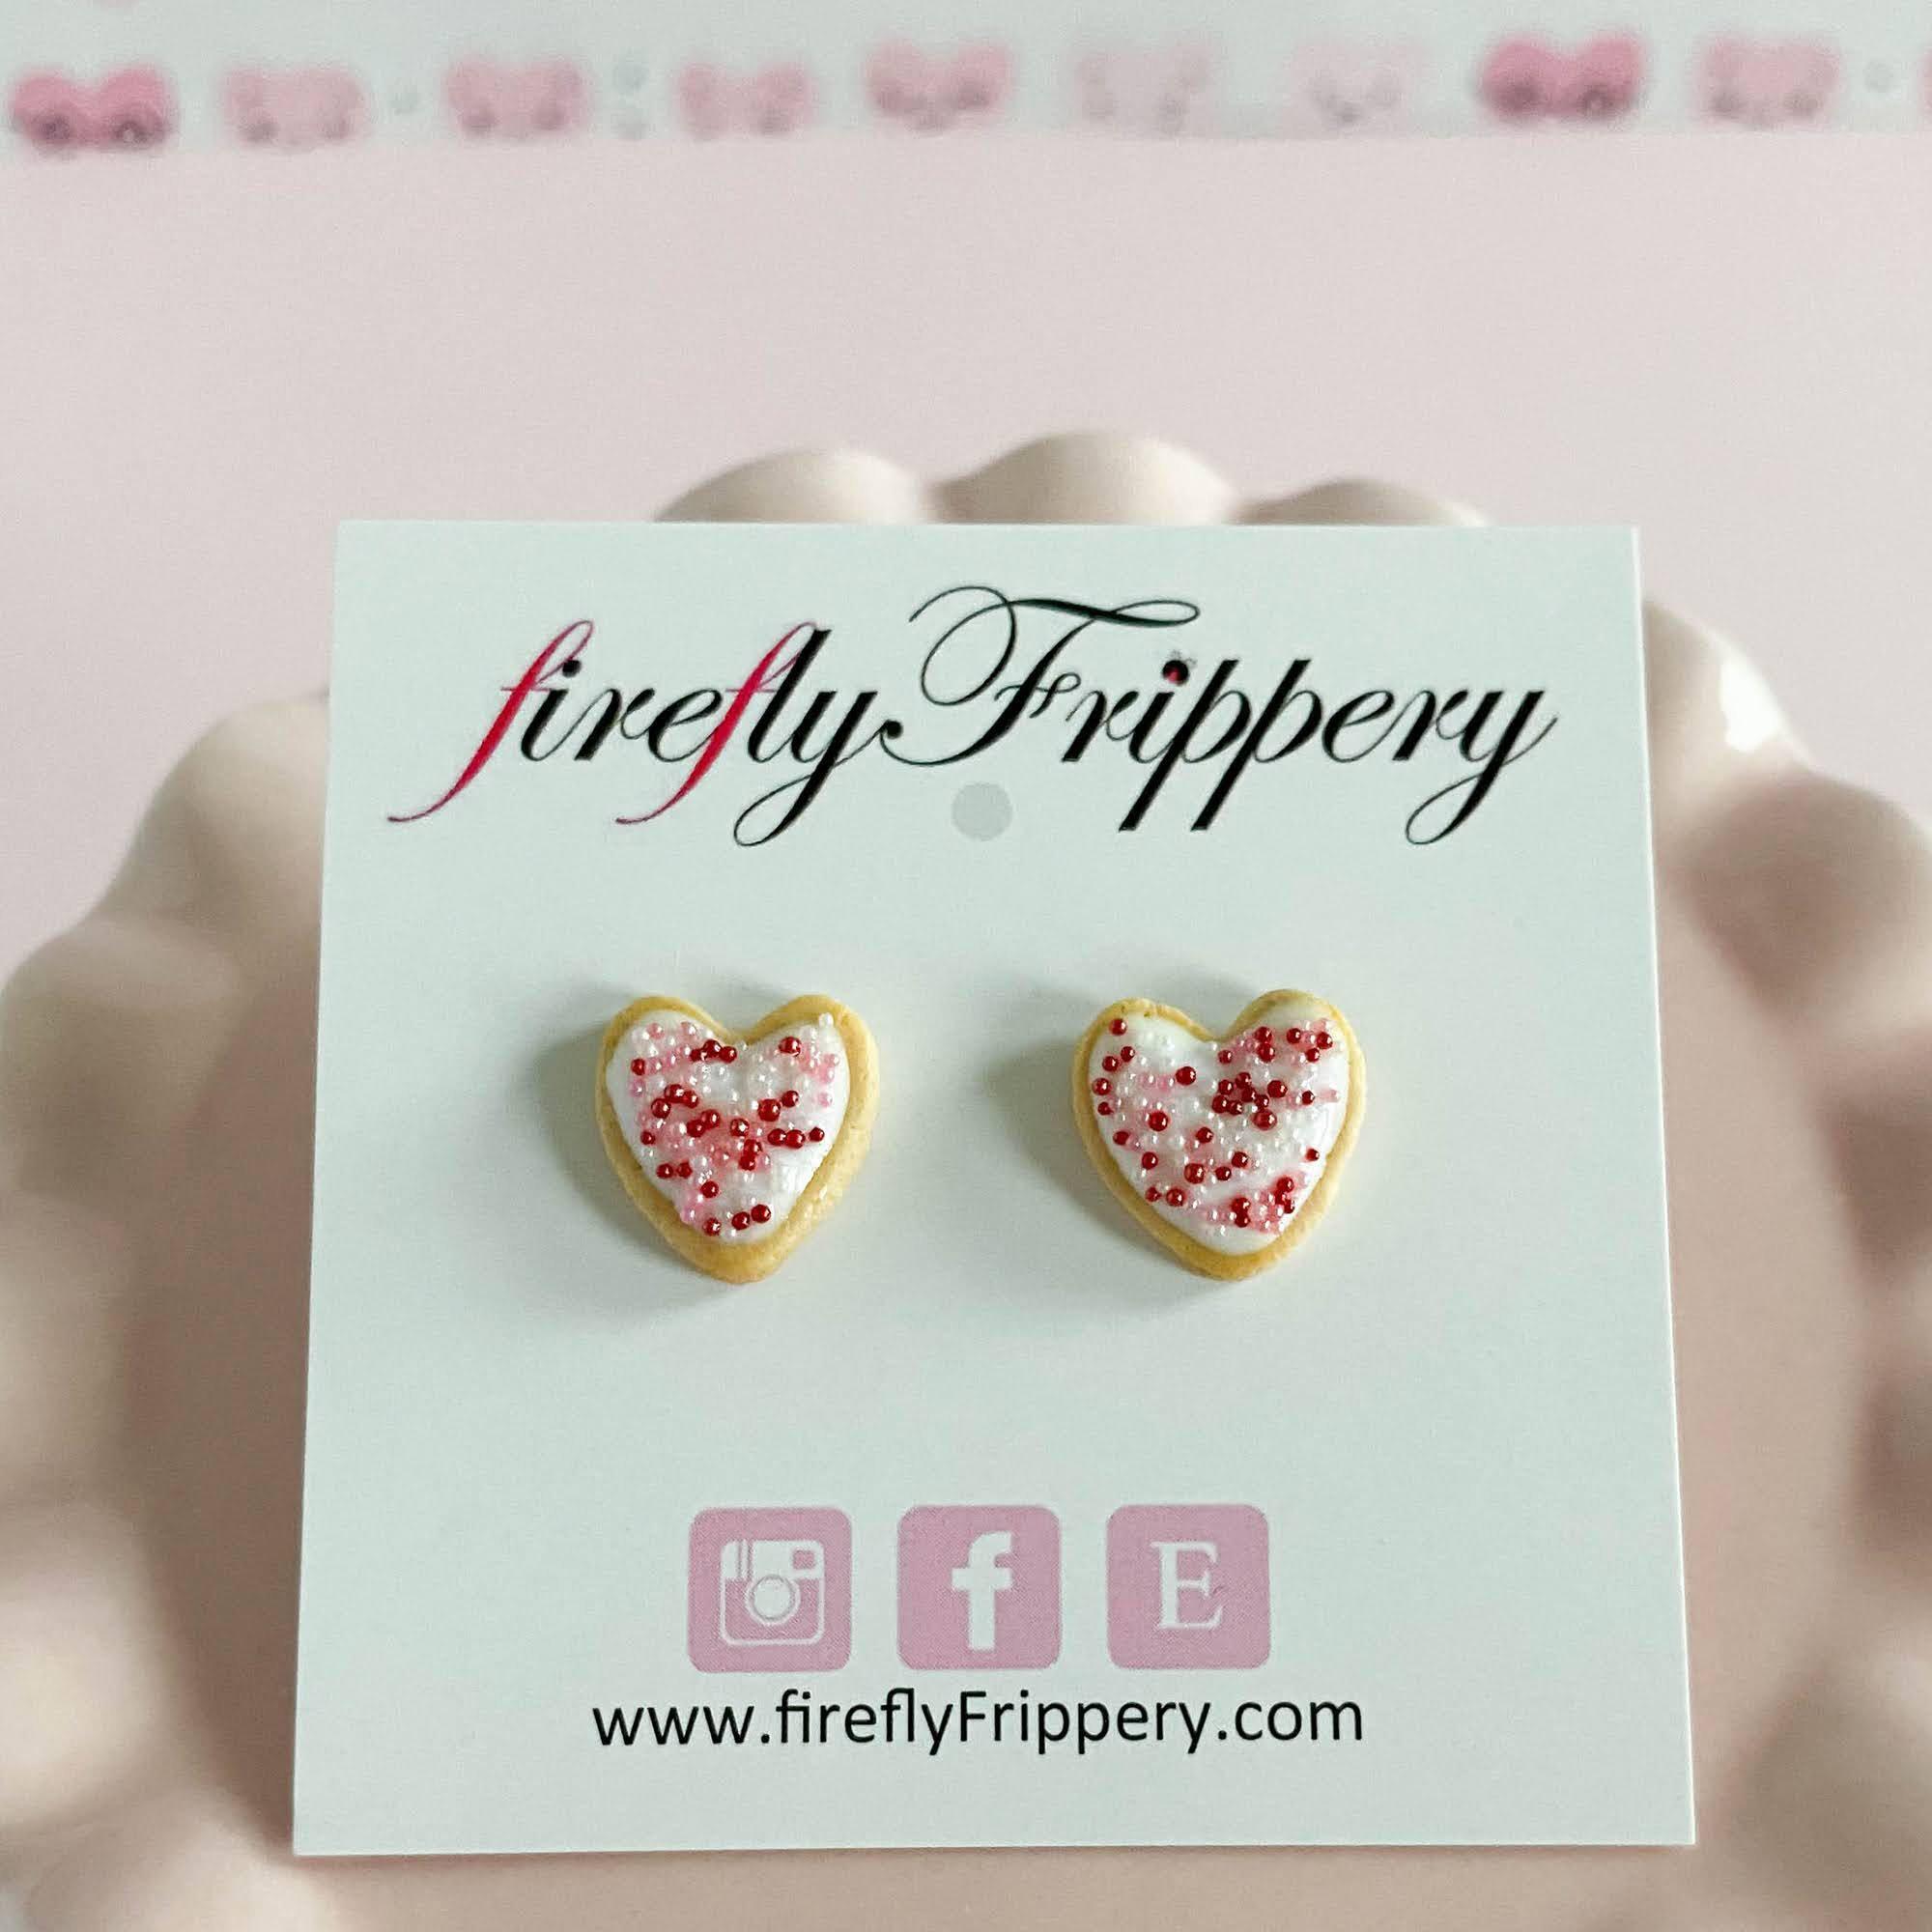 fireflyFrippery White Heart Sugar Cookie Earrings on Card